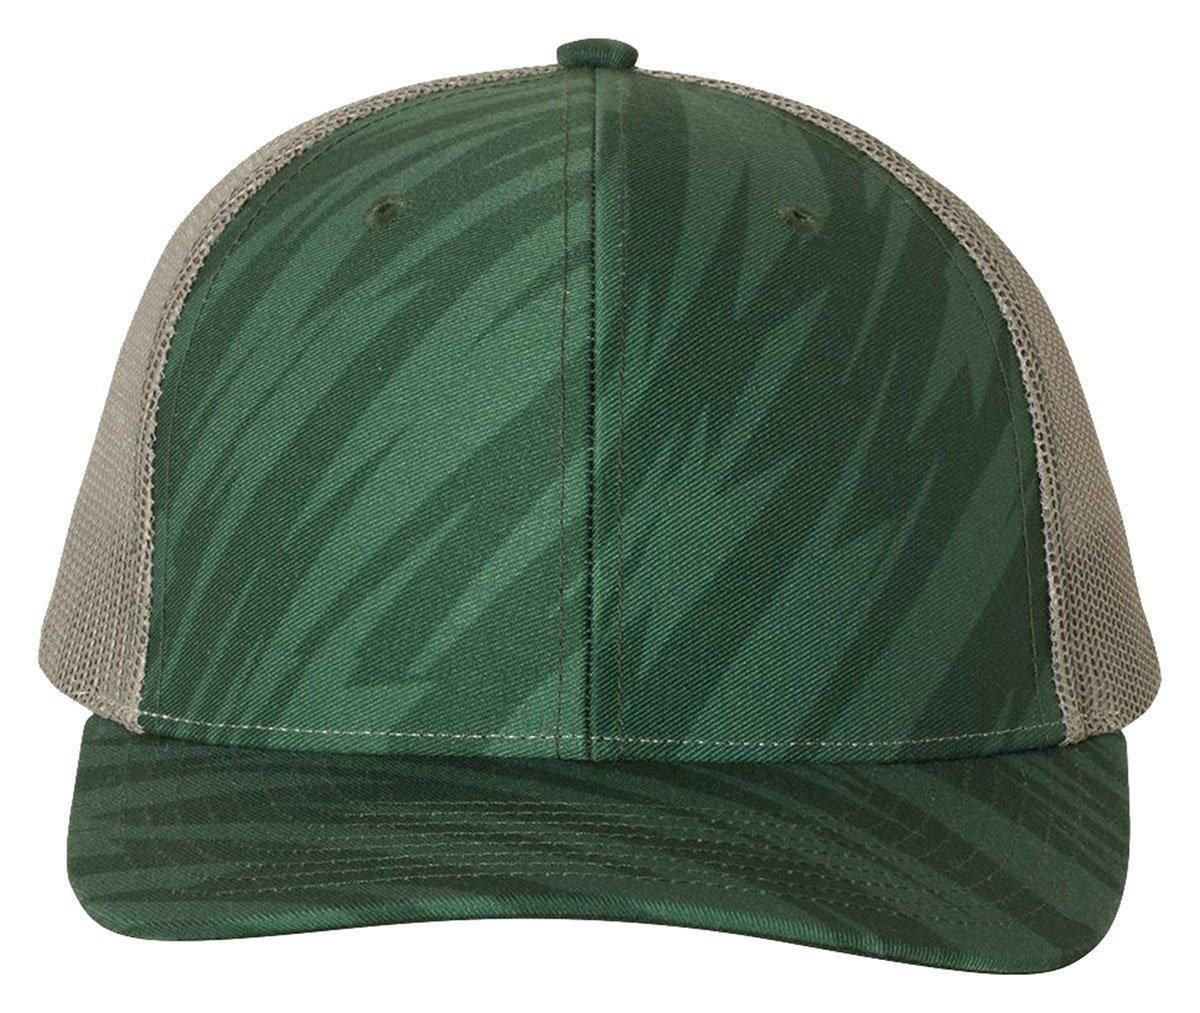 Richardson HAT メンズ B0778JPN28 Adjustable Streak Dark Green/ Charcoal Streak Dark Green/ Charcoal Adjustable